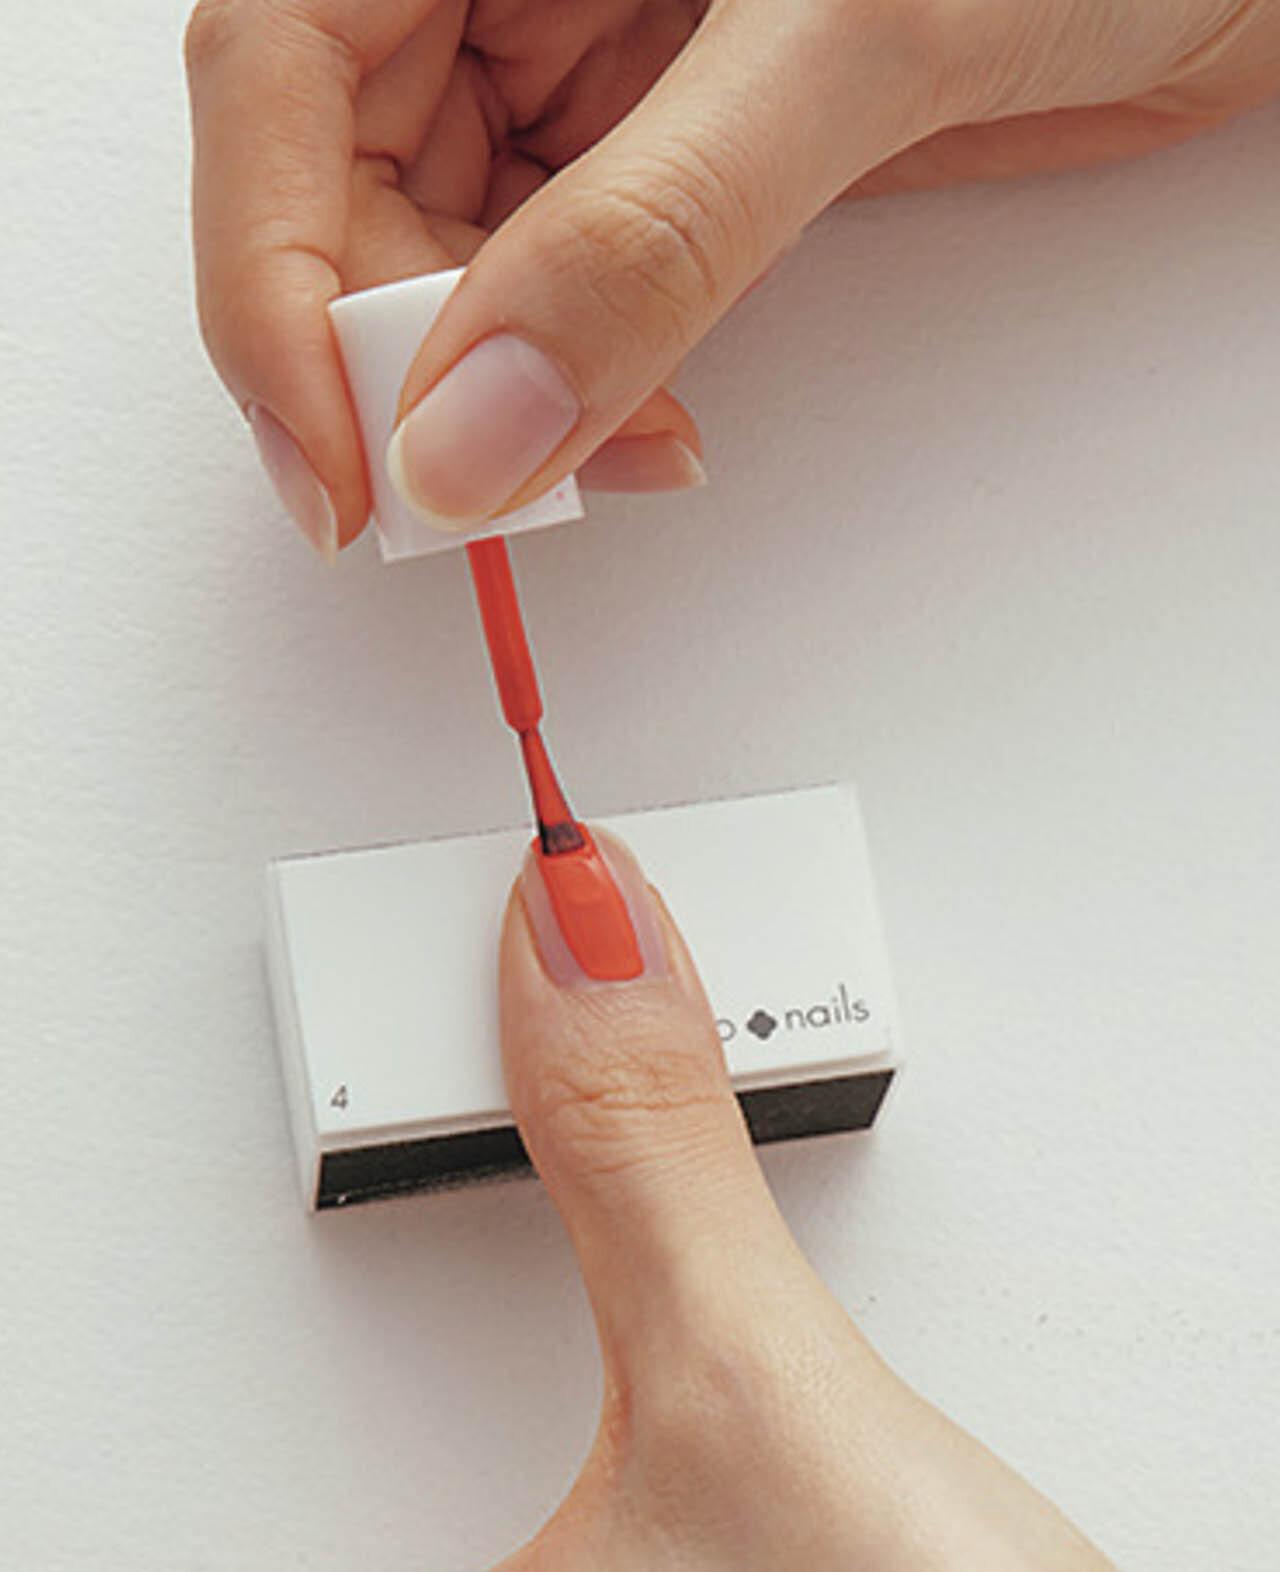 3.指を台の上にのせ、高低差をつけたほうが、筆が寝て塗りやすい。中央→サイド→サイドの順に、筆の幅が一定になるように塗る